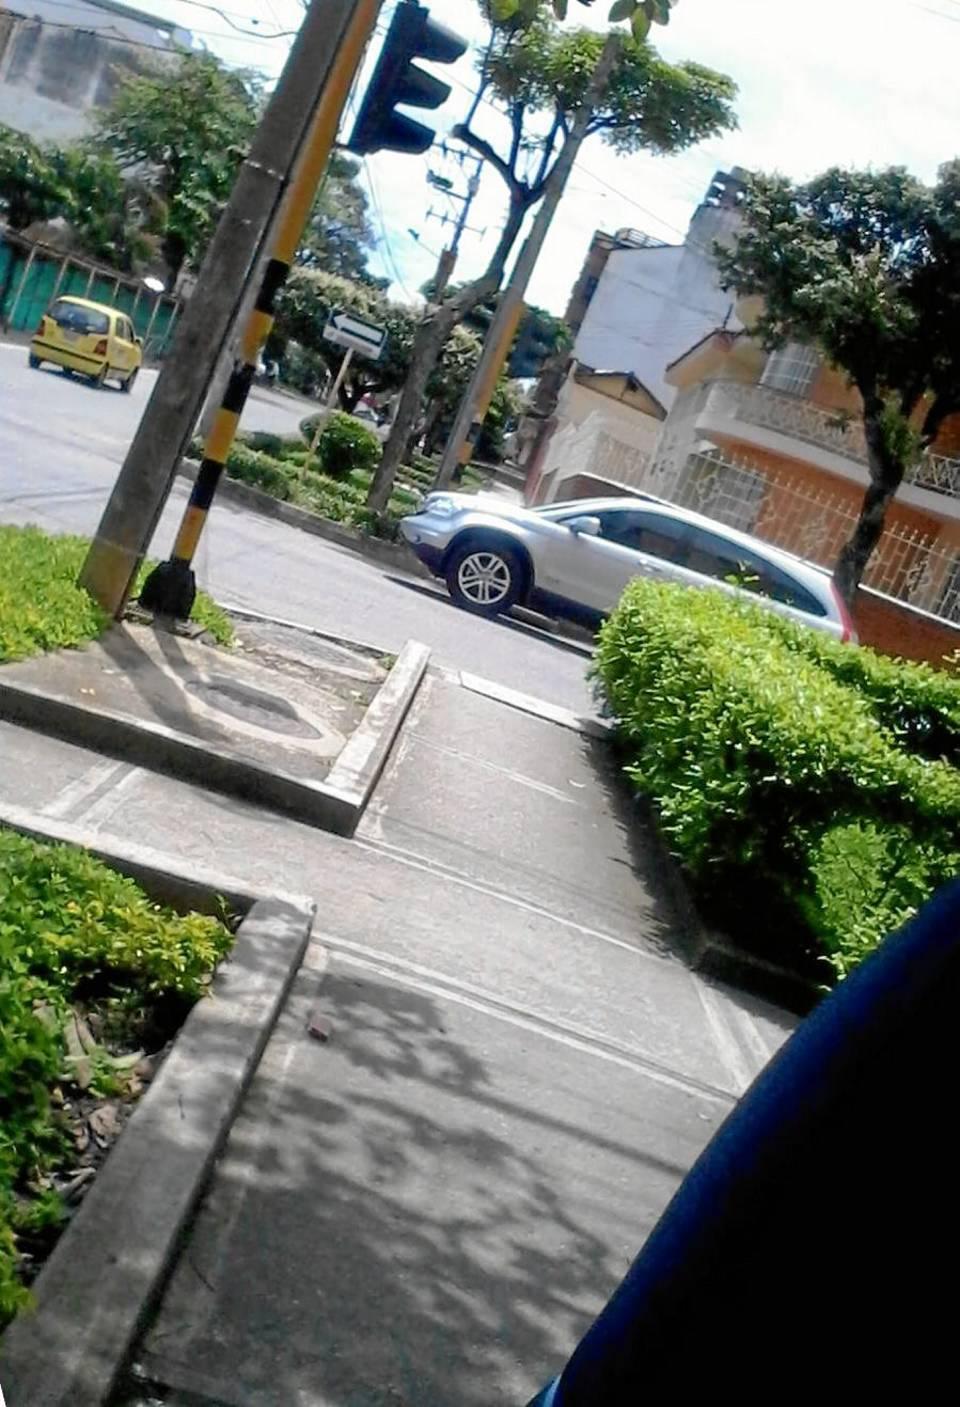 En otros casos hasta dejan estacionados los carros en estos sitios.